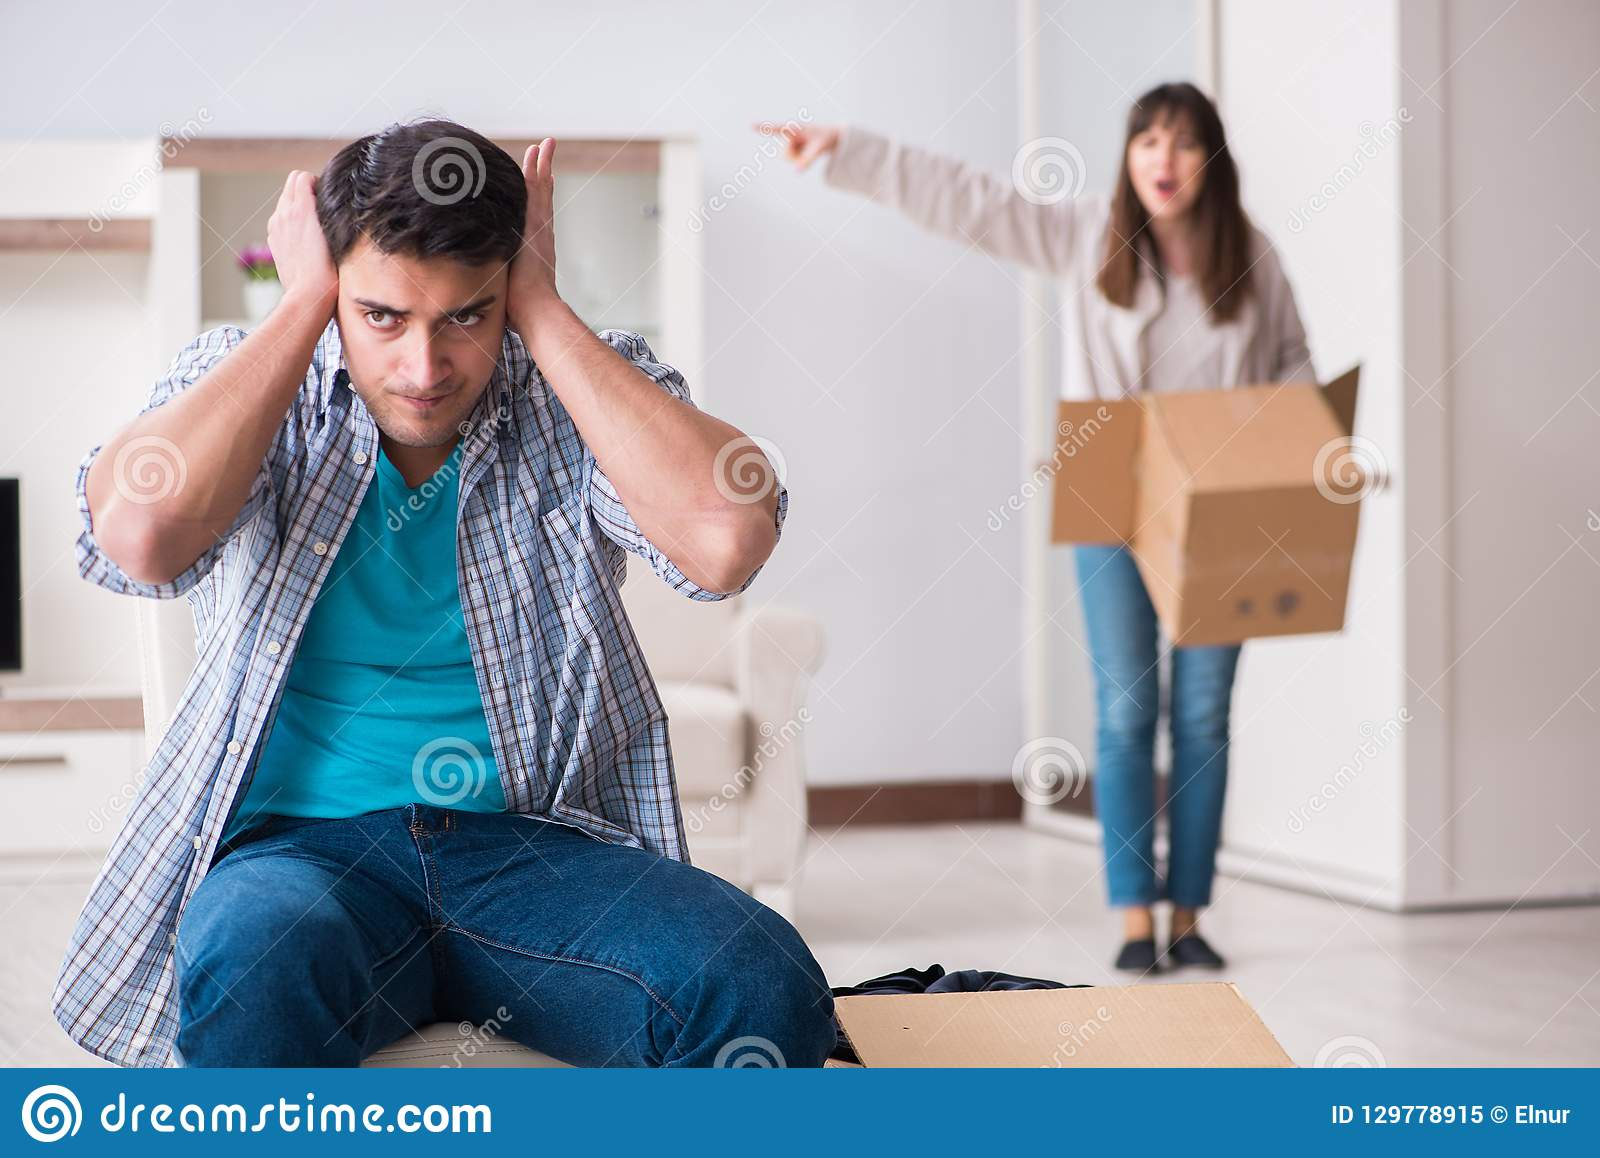 Kobieta eksmituje mężczyzna od domu podczas rodzinnego konfliktu